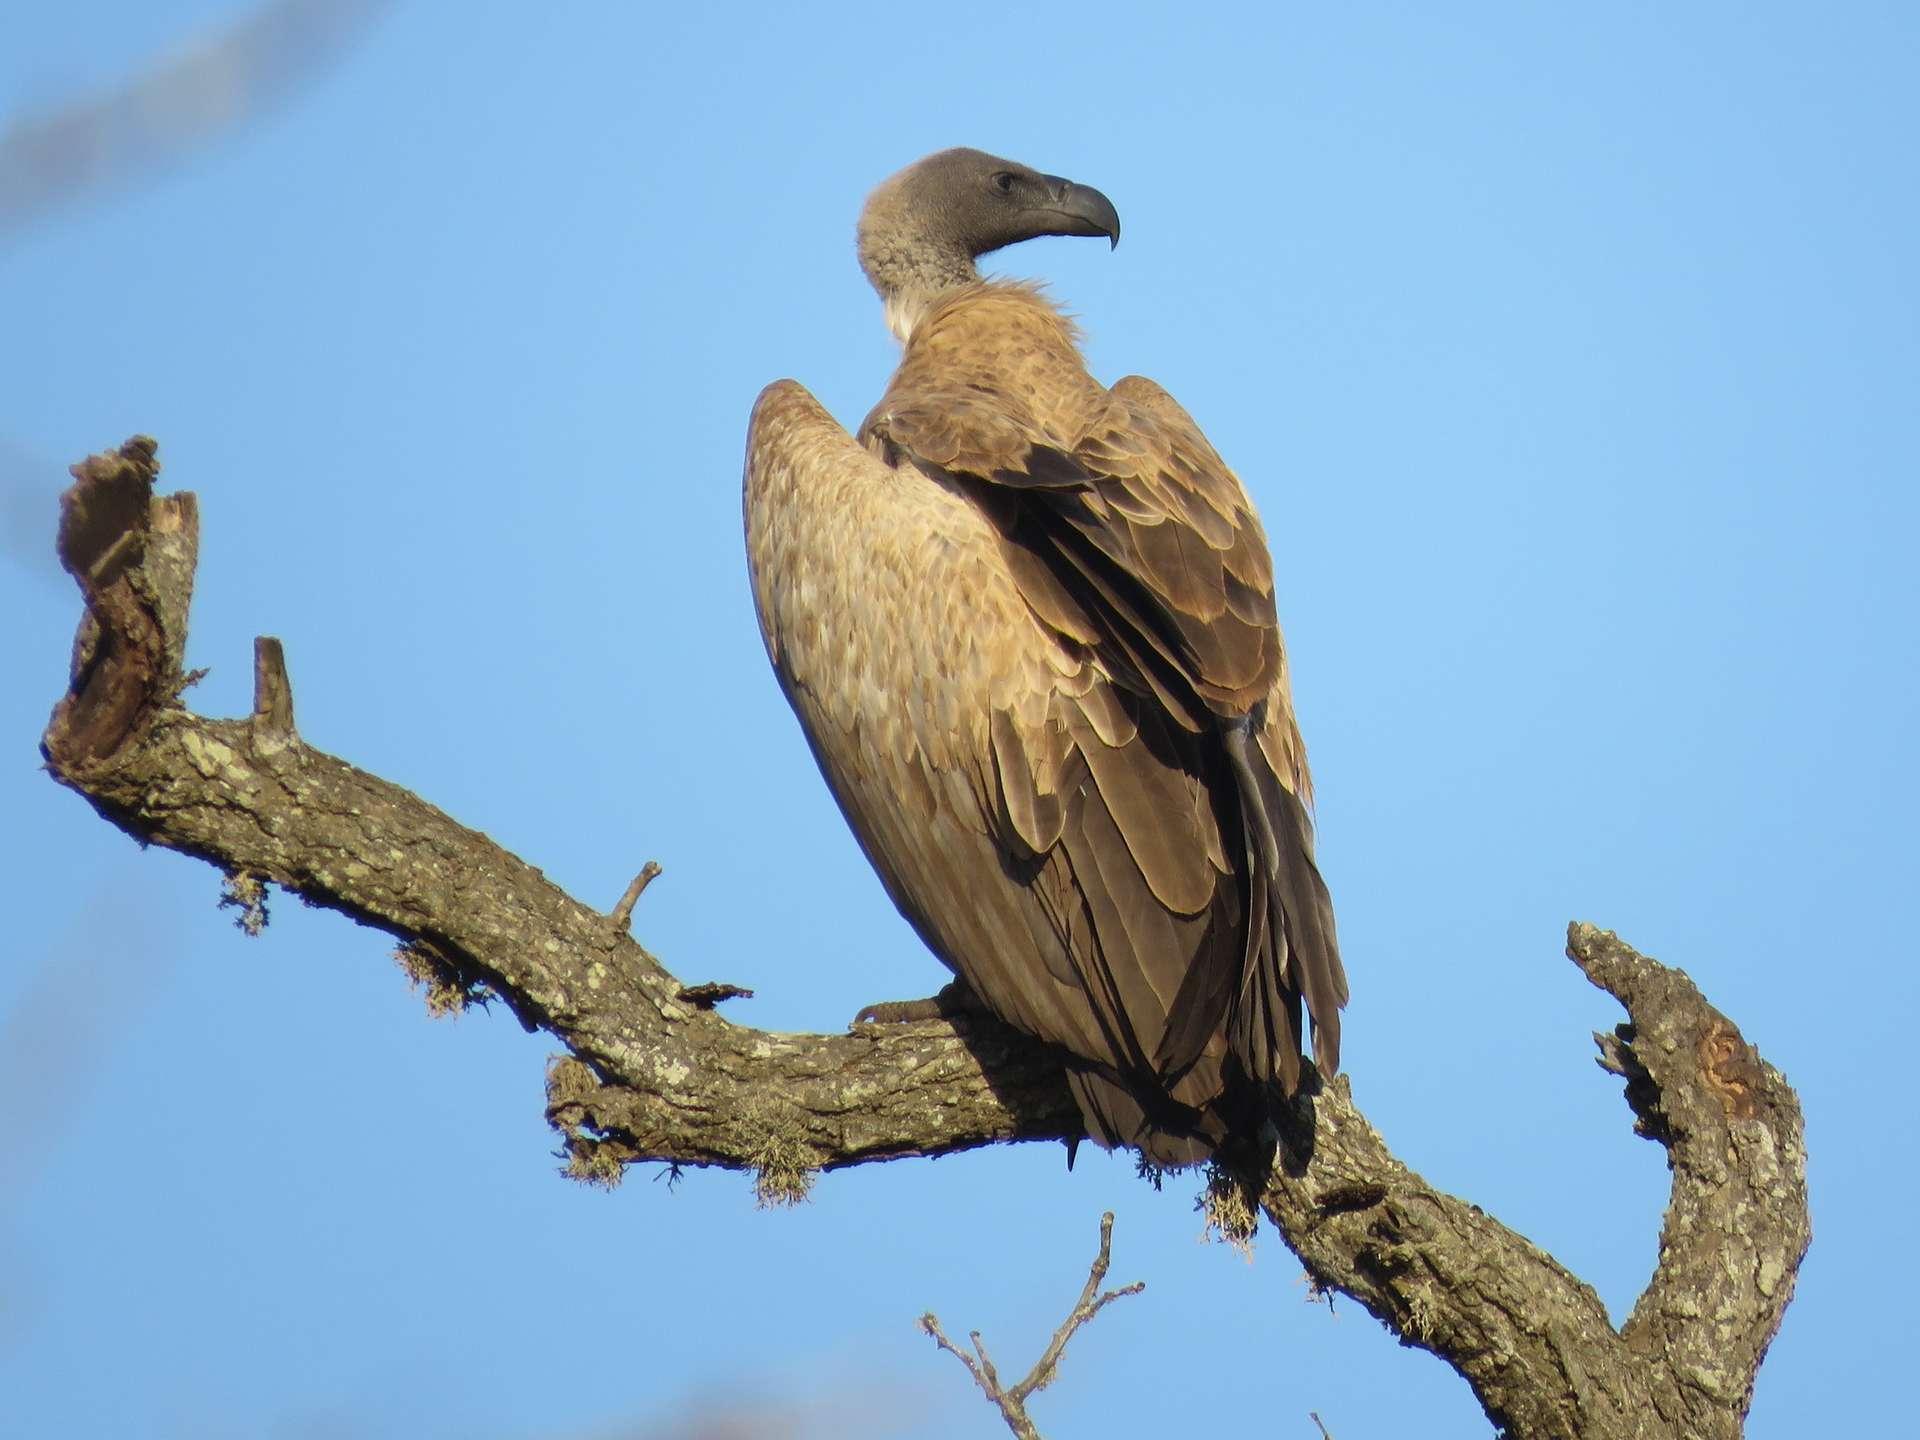 Le vautour africain (Gyps africanus) est menacé de disparition après un empoisonnement massif au Botswana. © gyrrlfalcon, iNaturalist